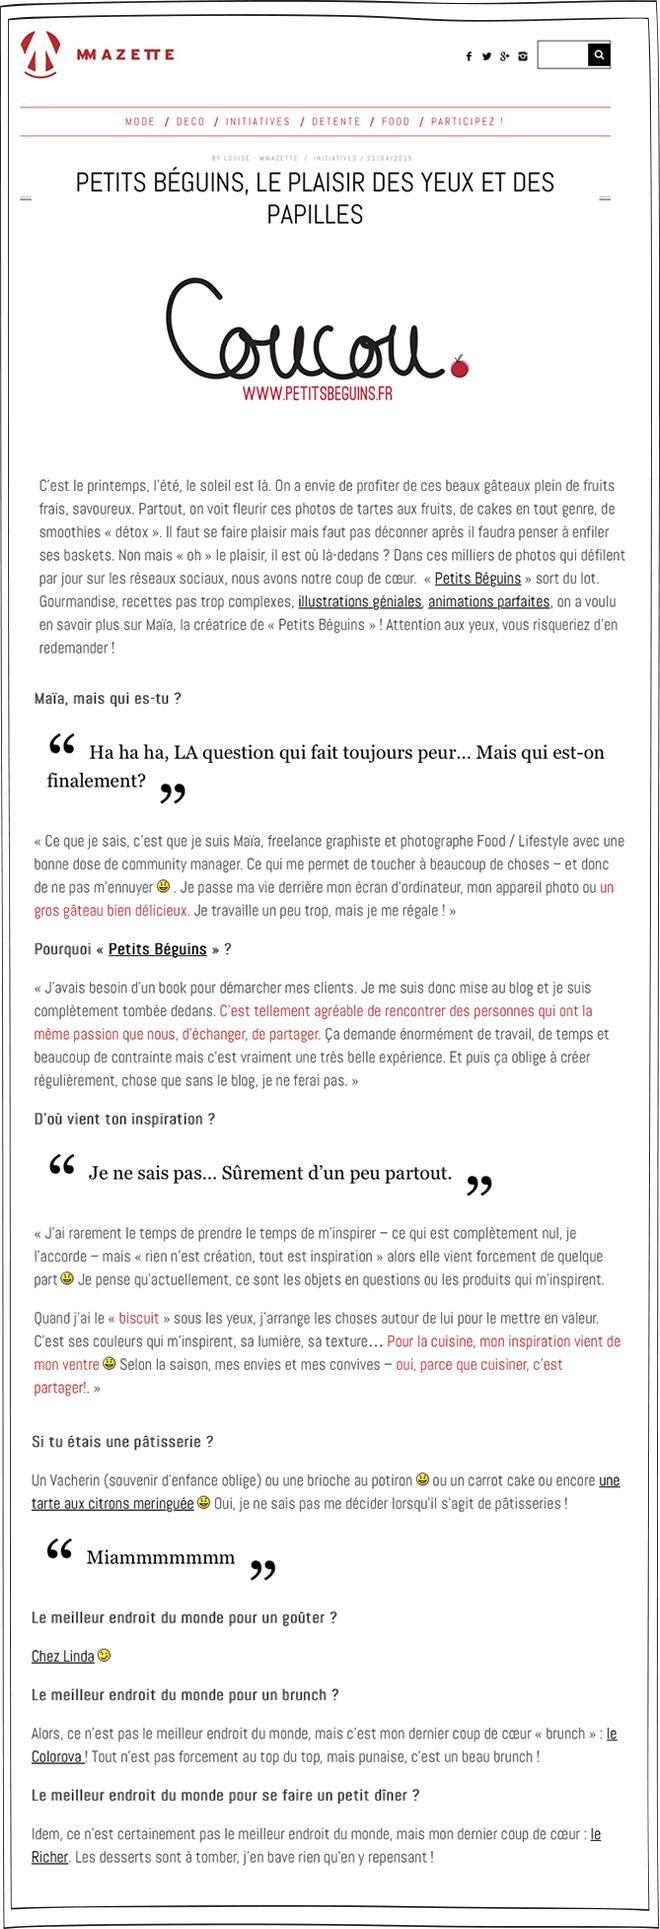 MMazette - Article - Petits Béguins